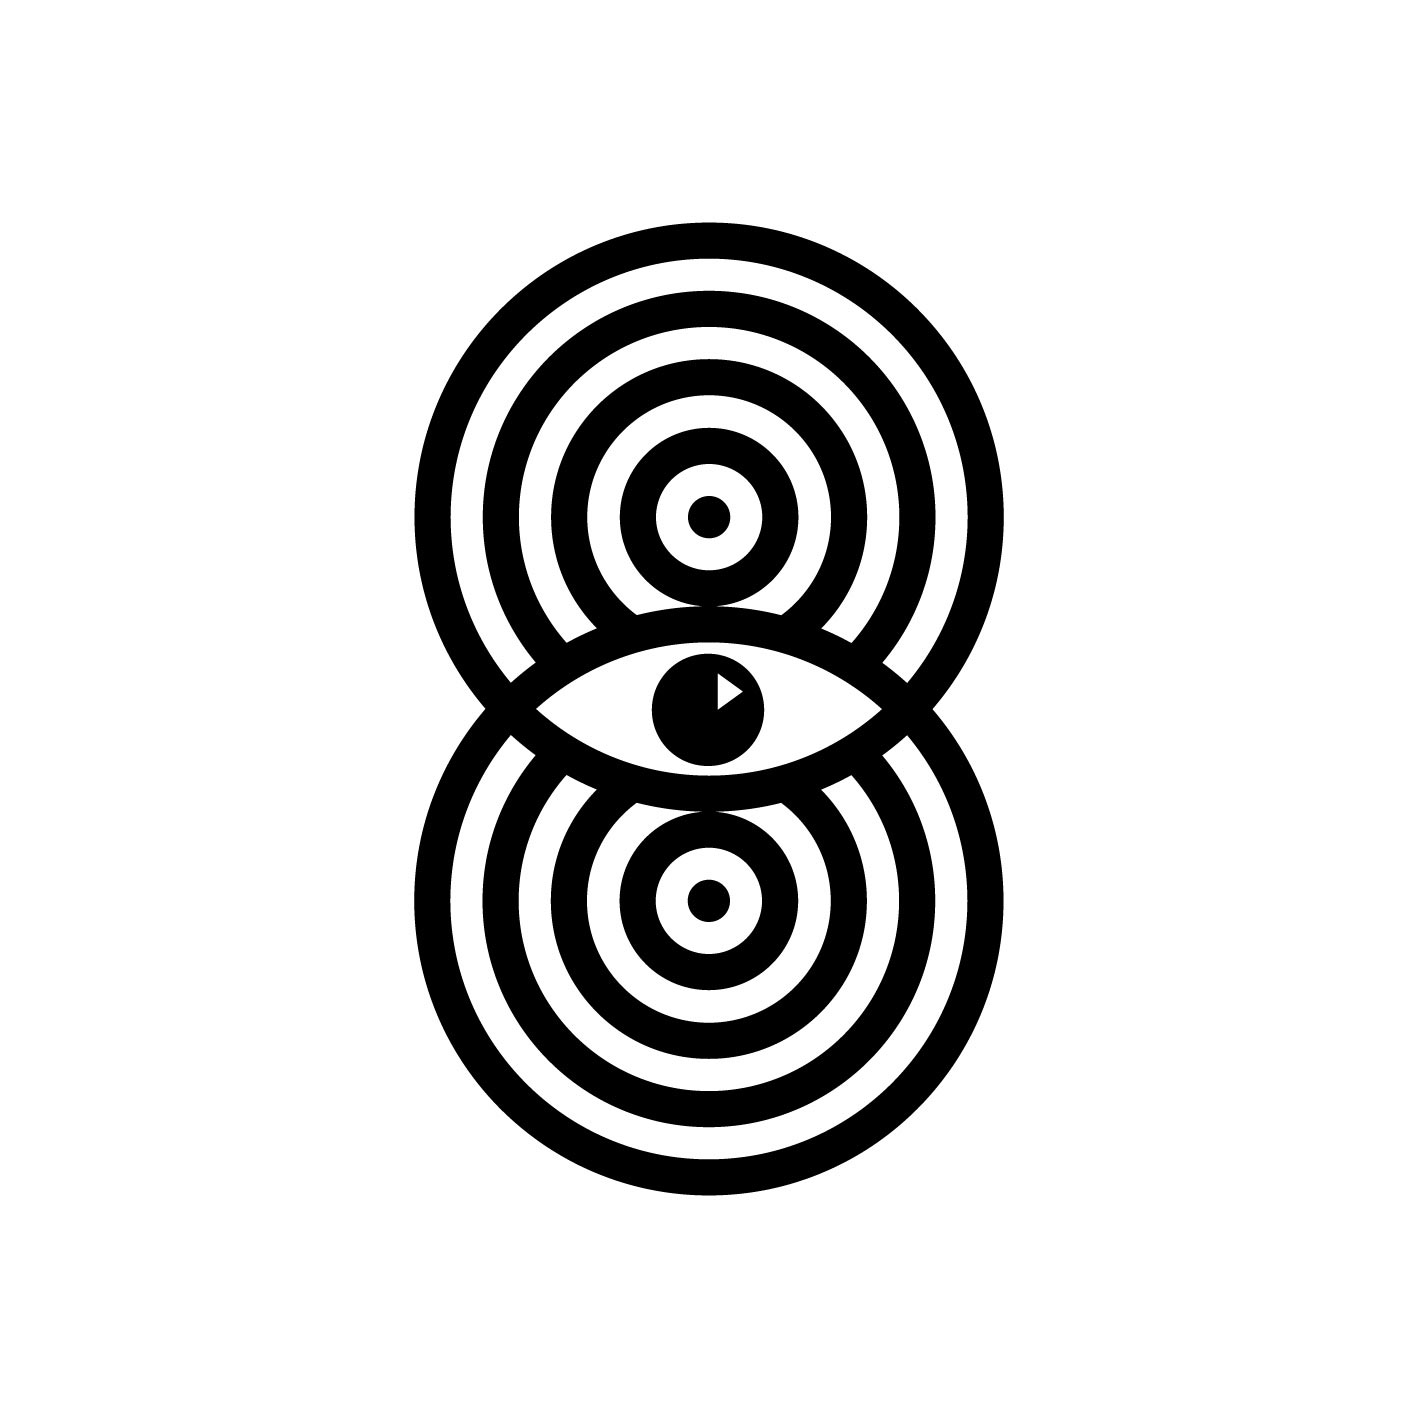 Beyond_Video_logo_2.jpg